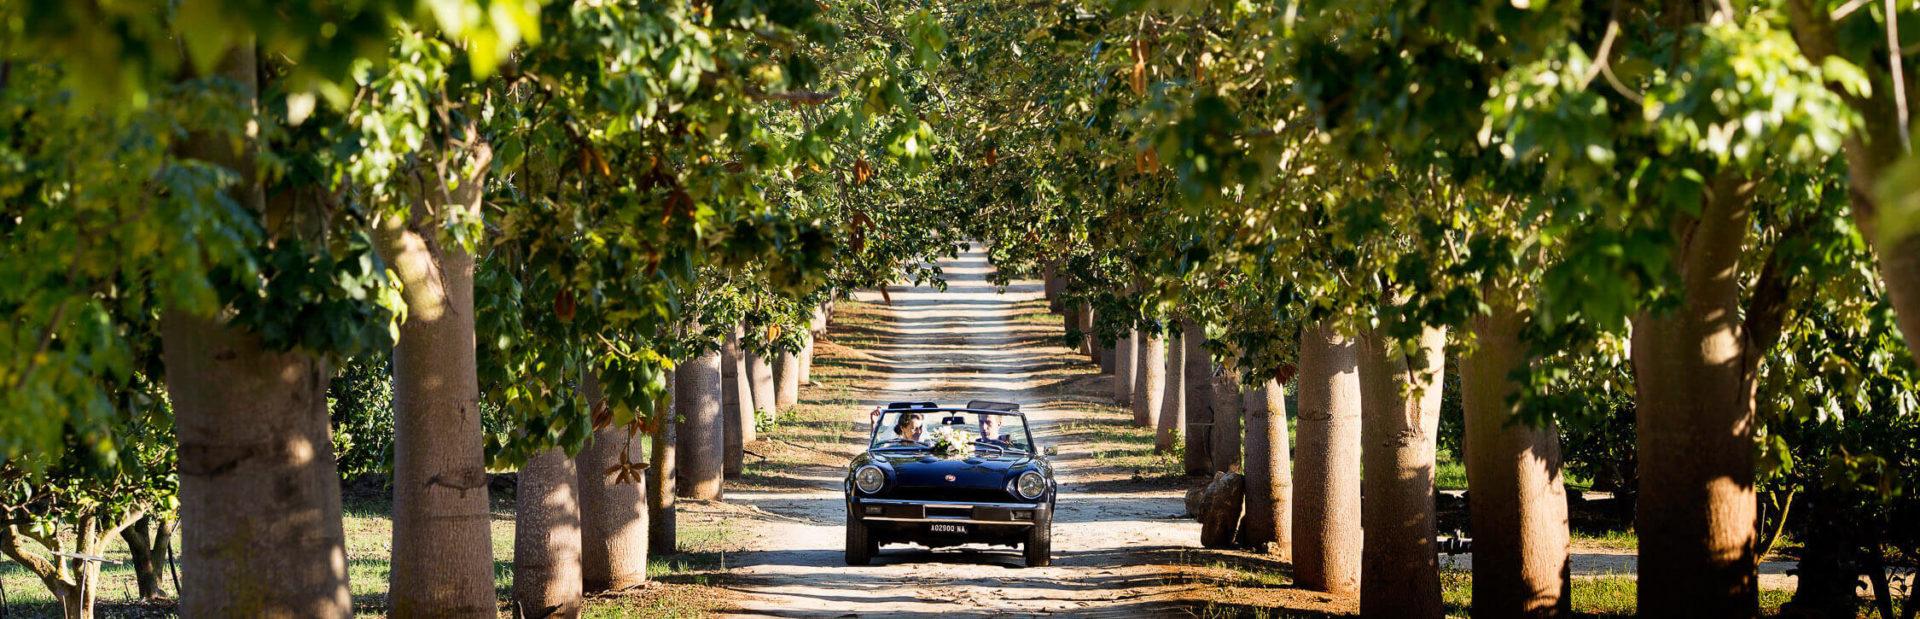 Sposi in auto storica percorrono viale alberato, foto per matrimonio di Nino Lombardo